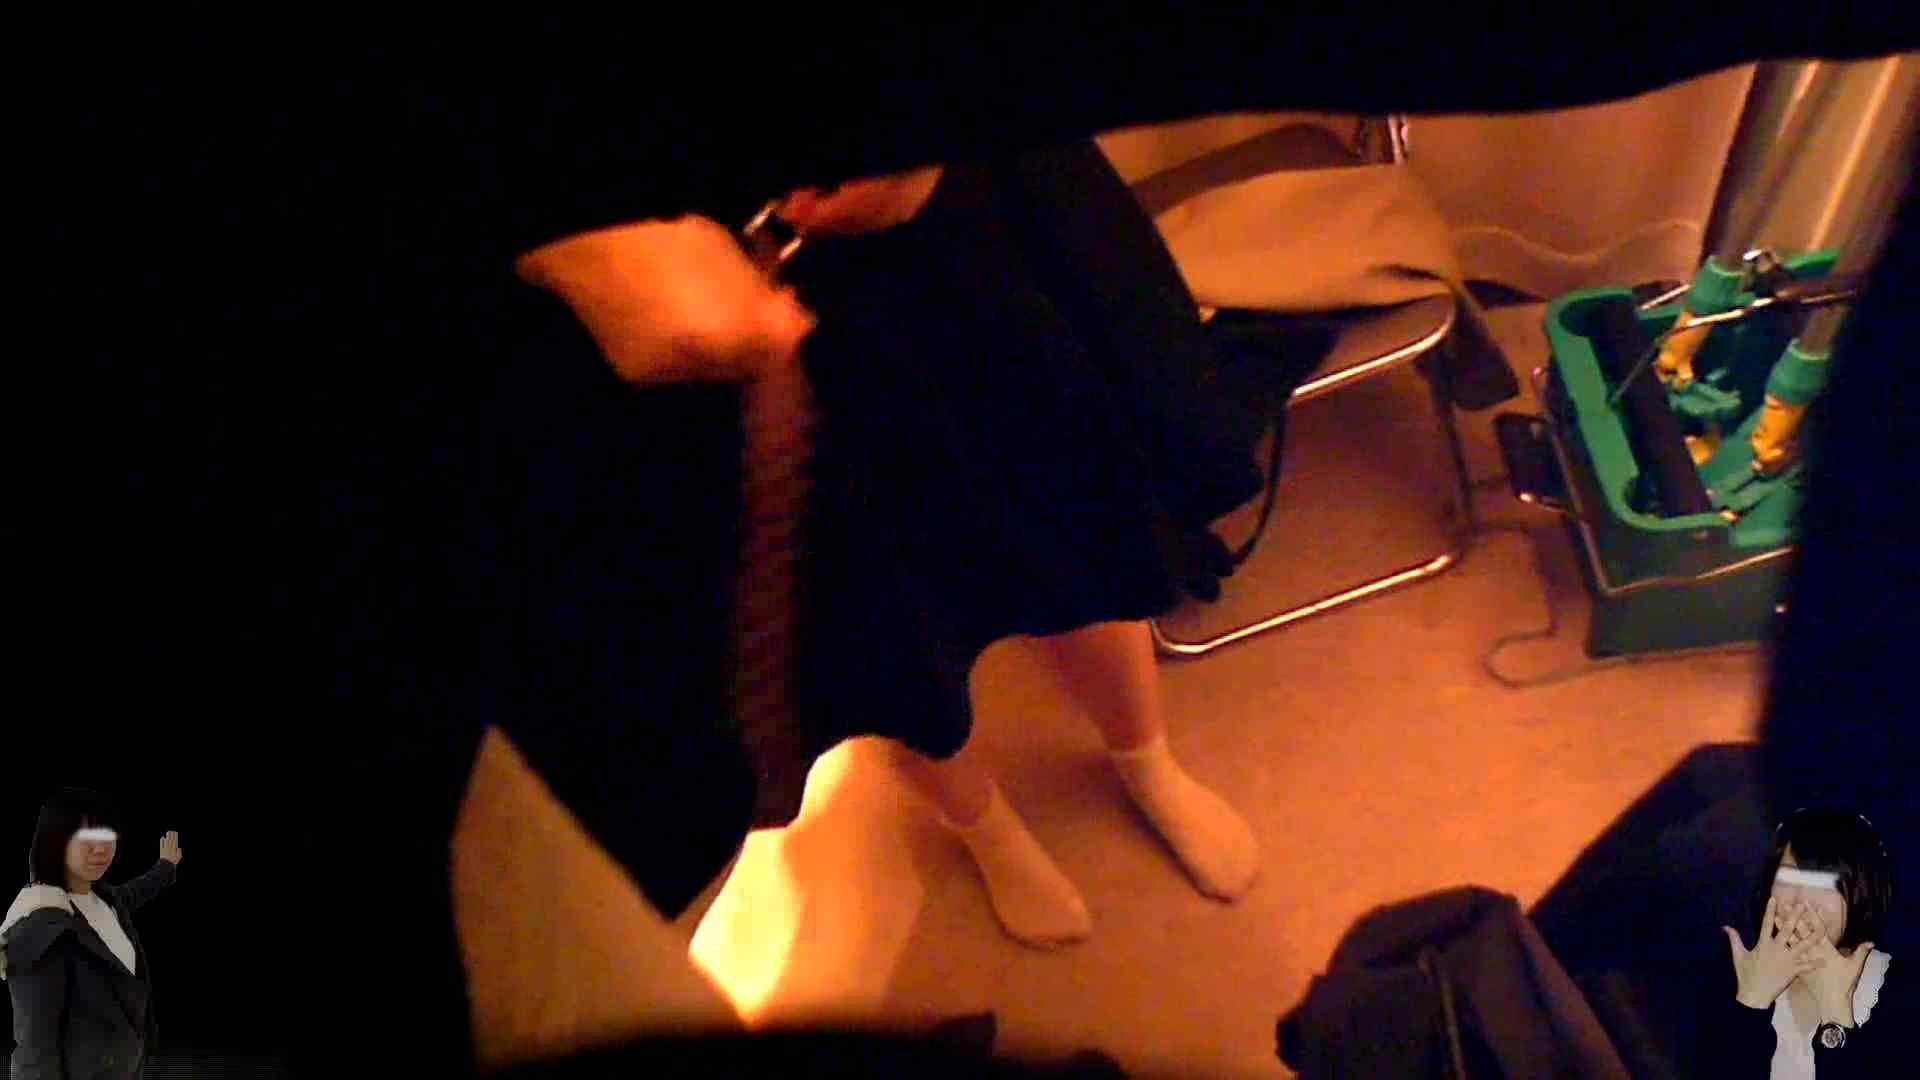 素人投稿 現役「JD」Eちゃんの着替え Vol.04 女子着替え | 投稿  65pic 45